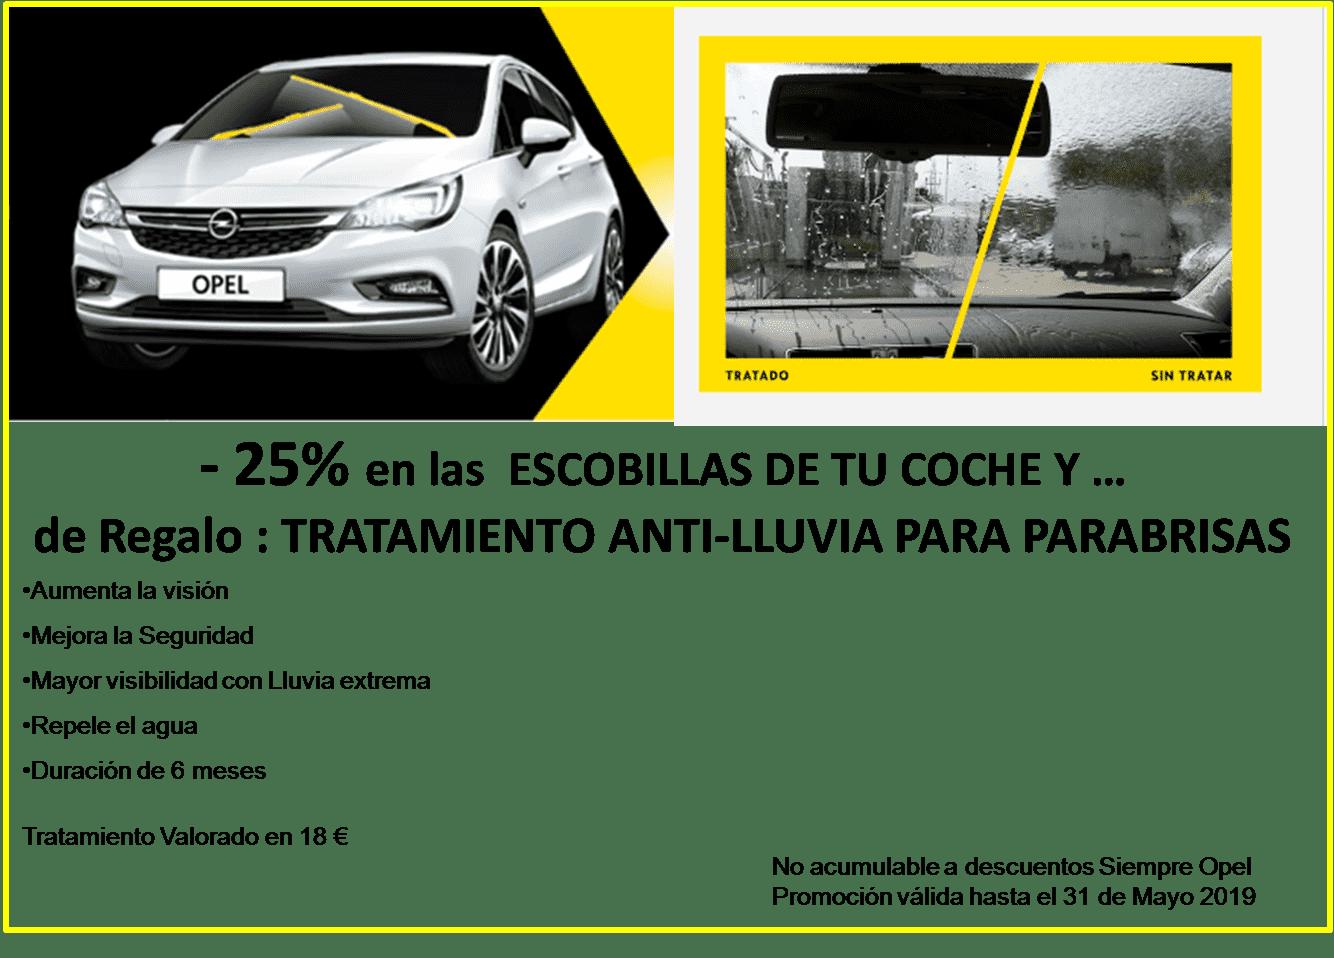 -25% en las ESCOBILLAS de tu Opel y de Regalo... Tratamiento anti-lluvia para parabrisas.